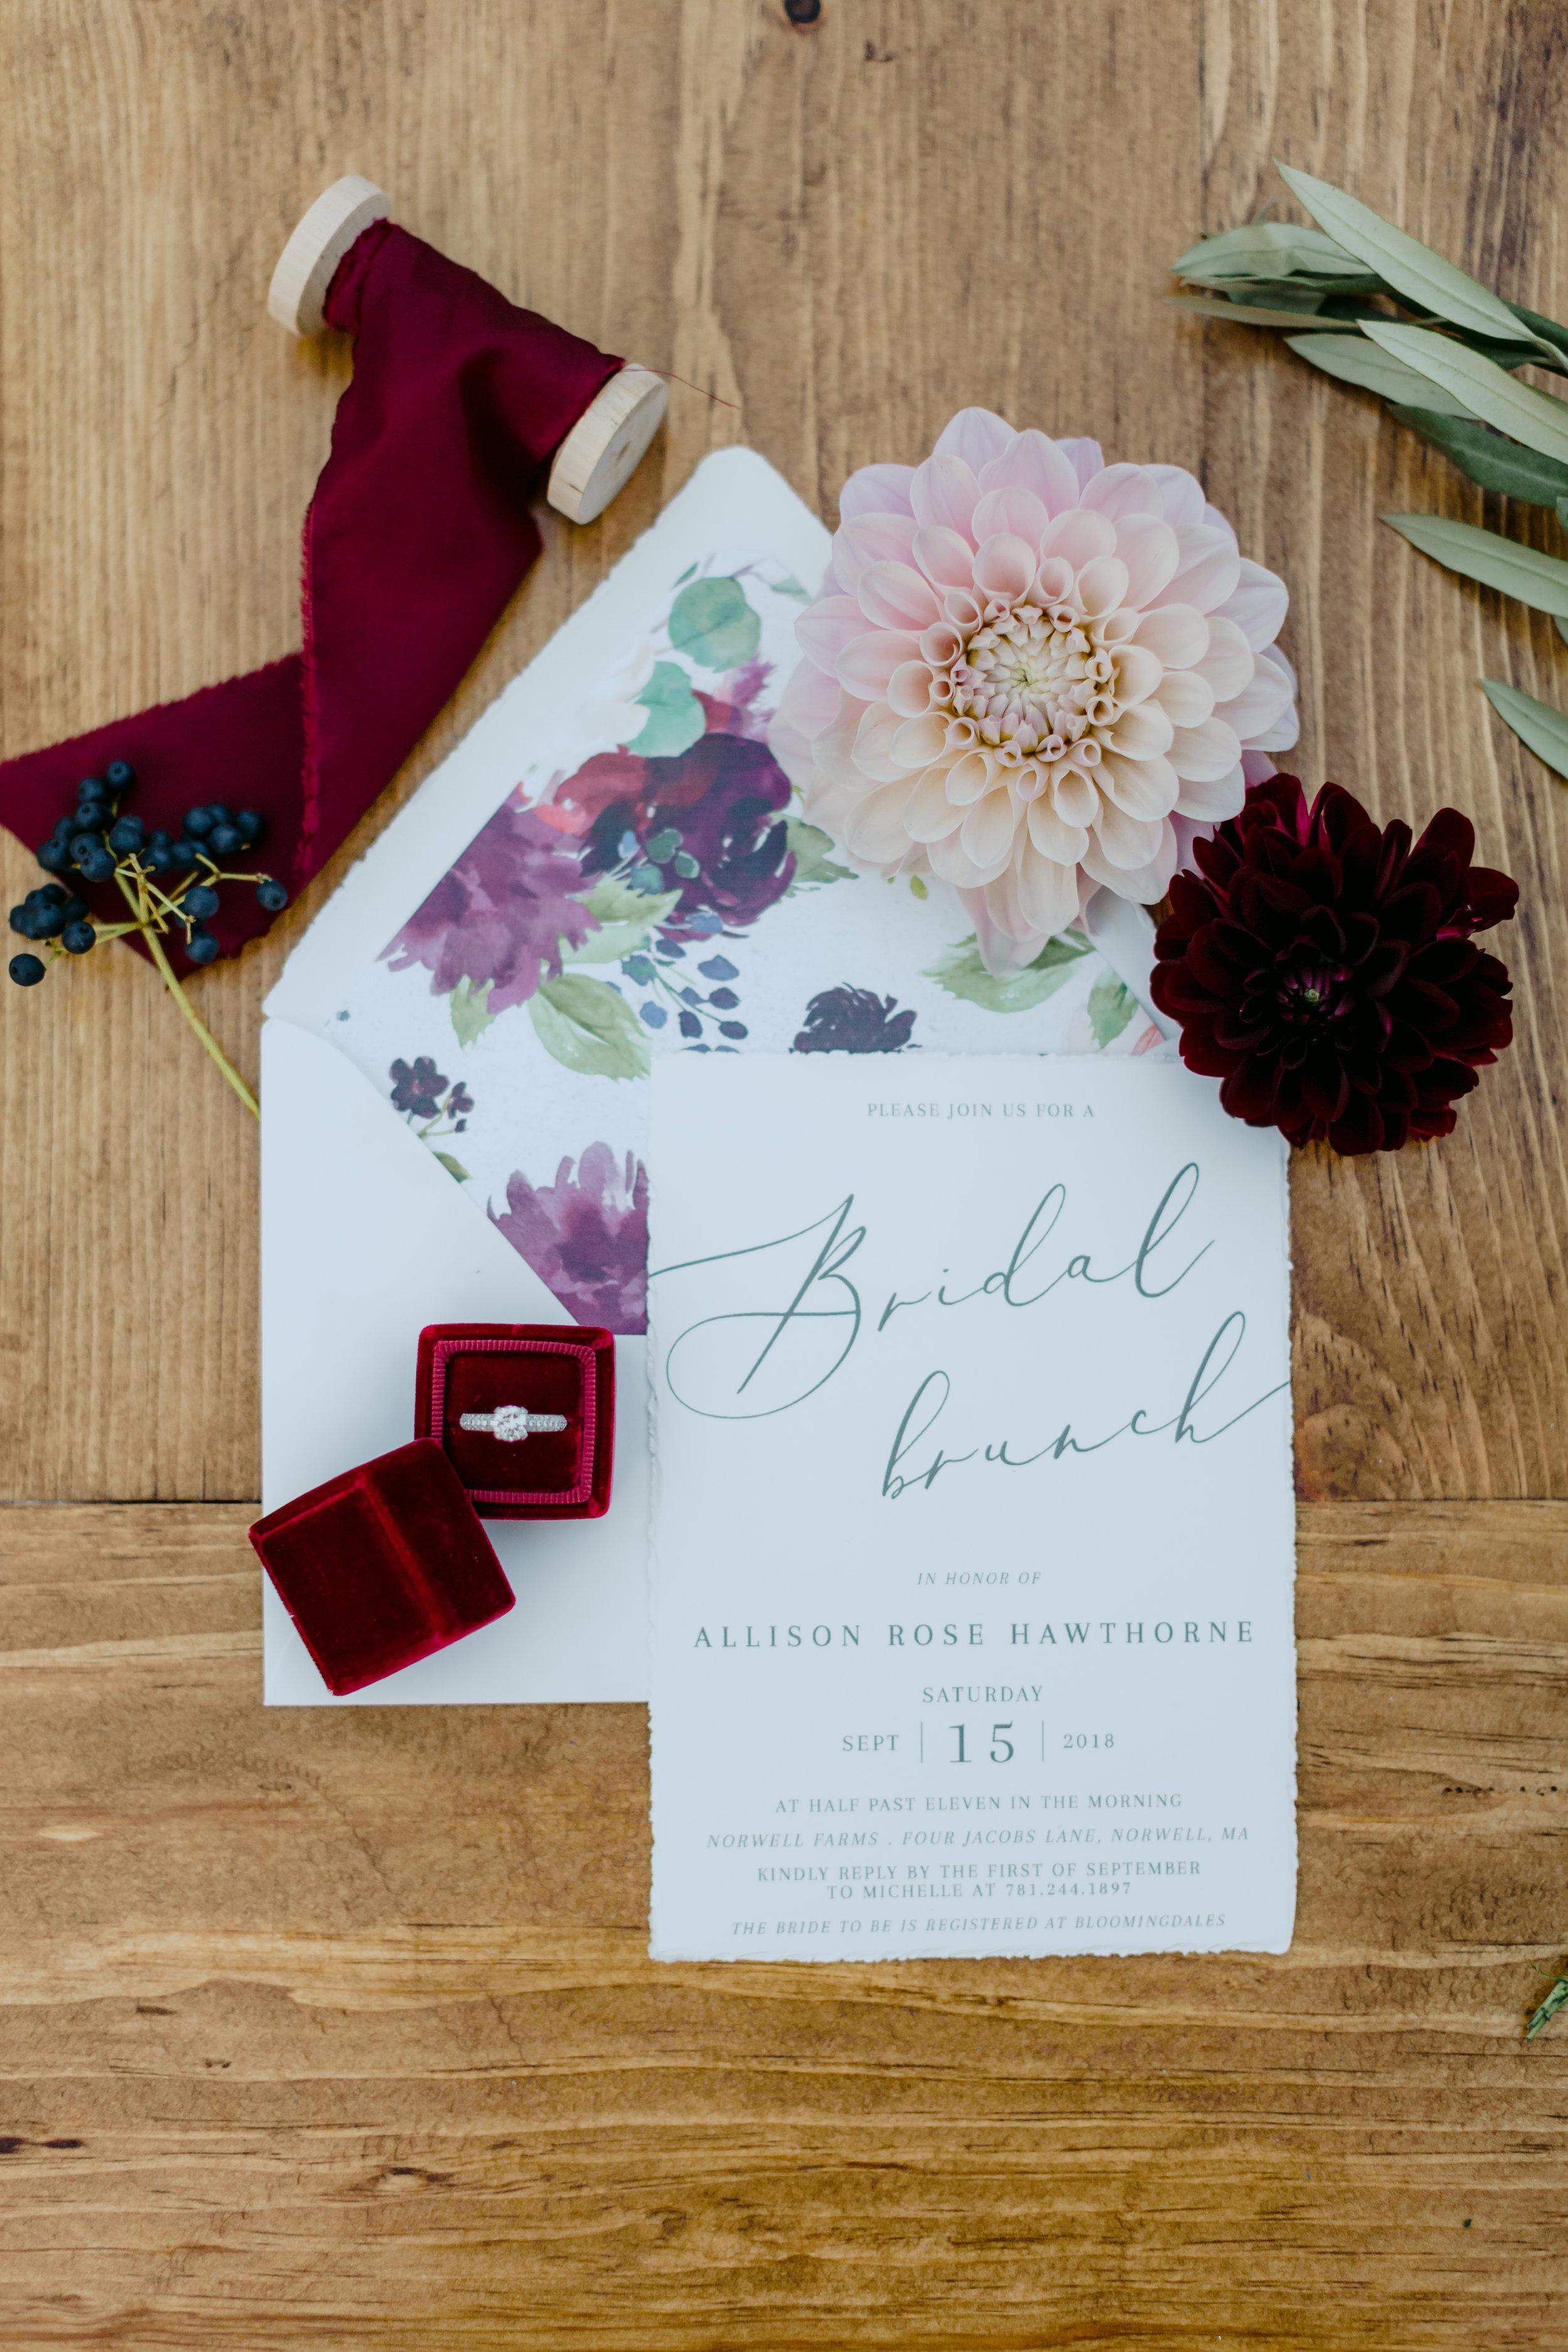 Bridal_Brunch_Invitations